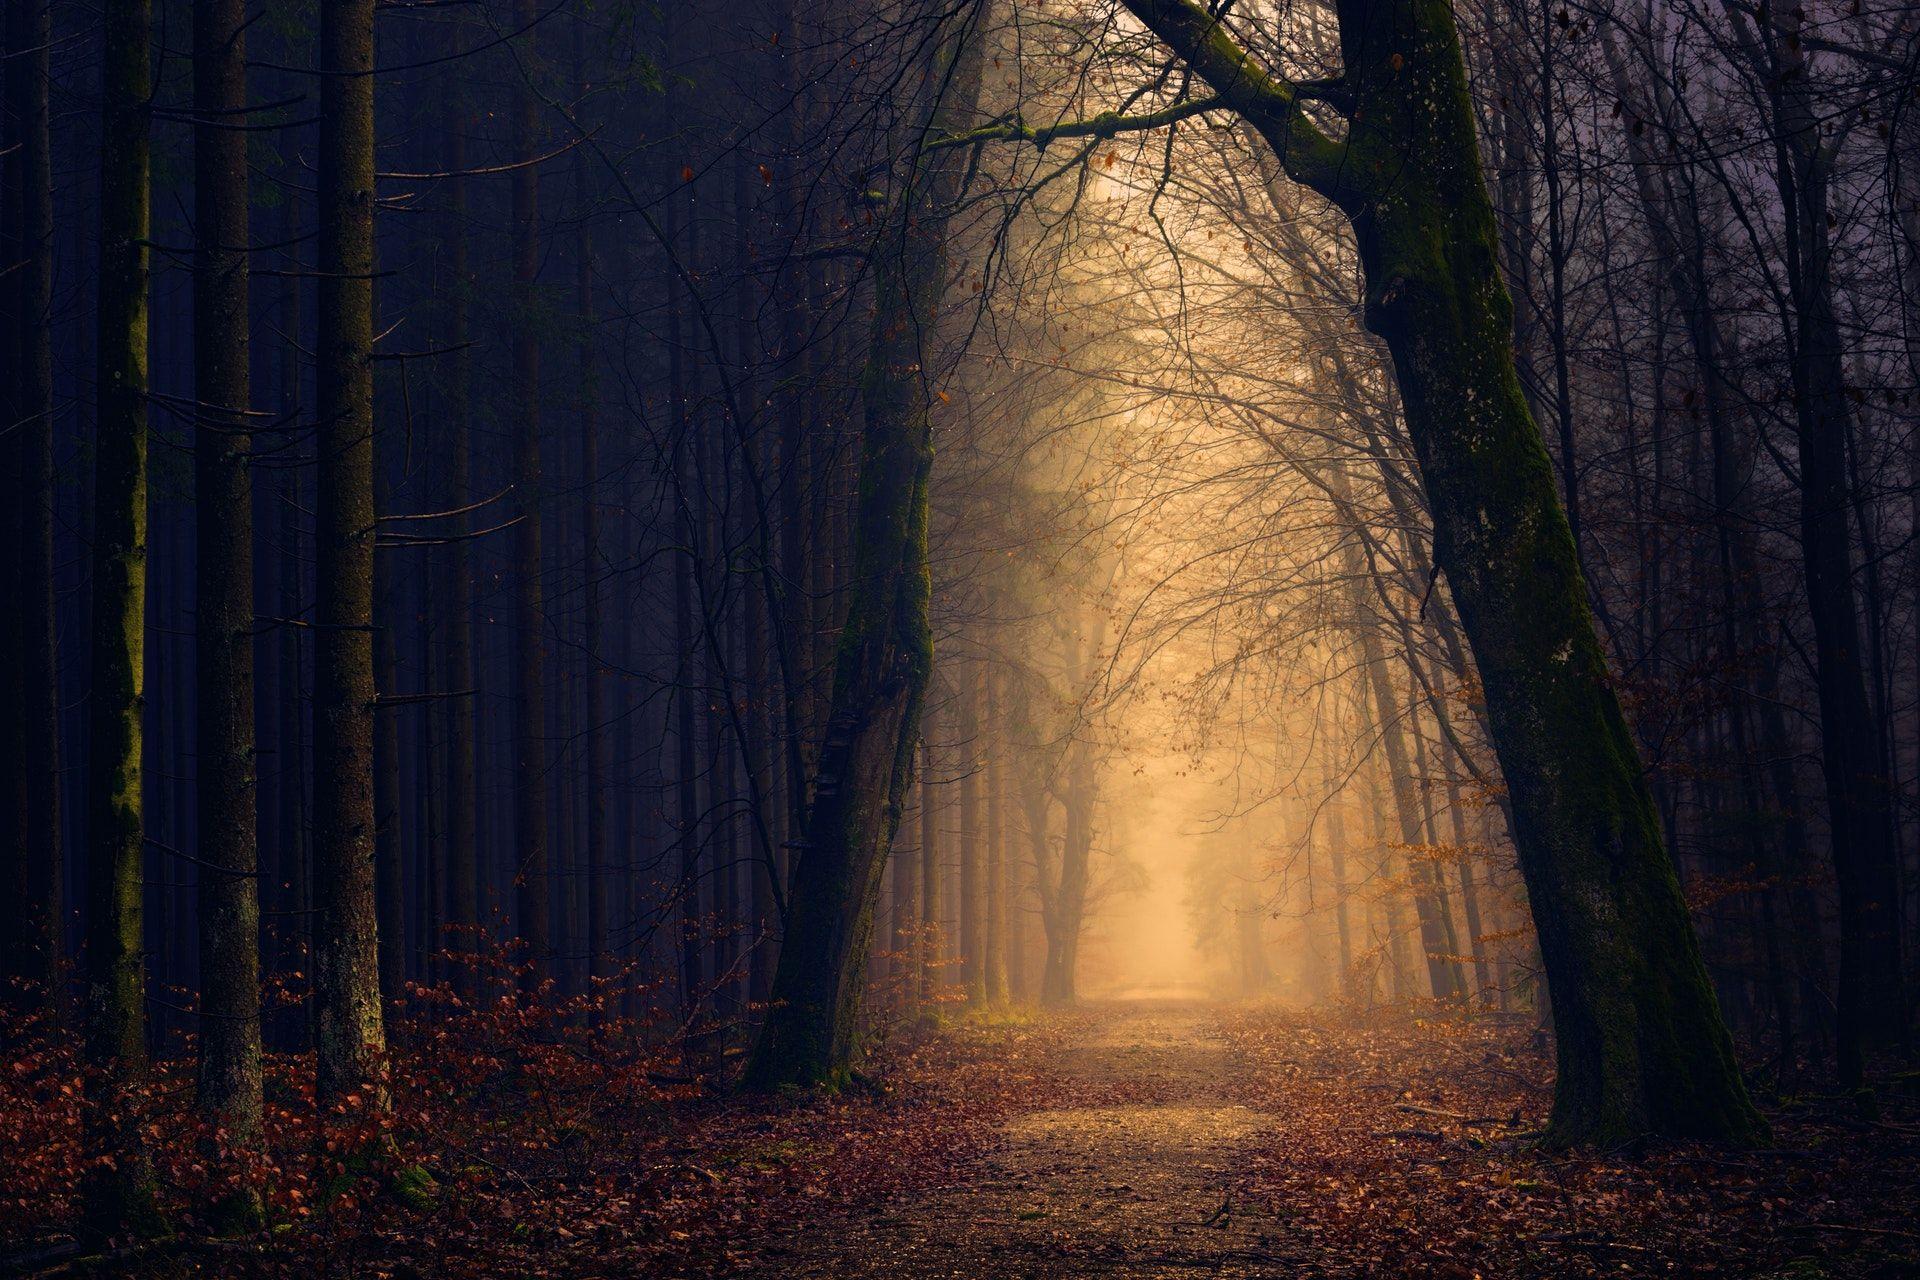 عکس زمینه درختان در مسیر تاریک و روشن جنگلی پس زمینه